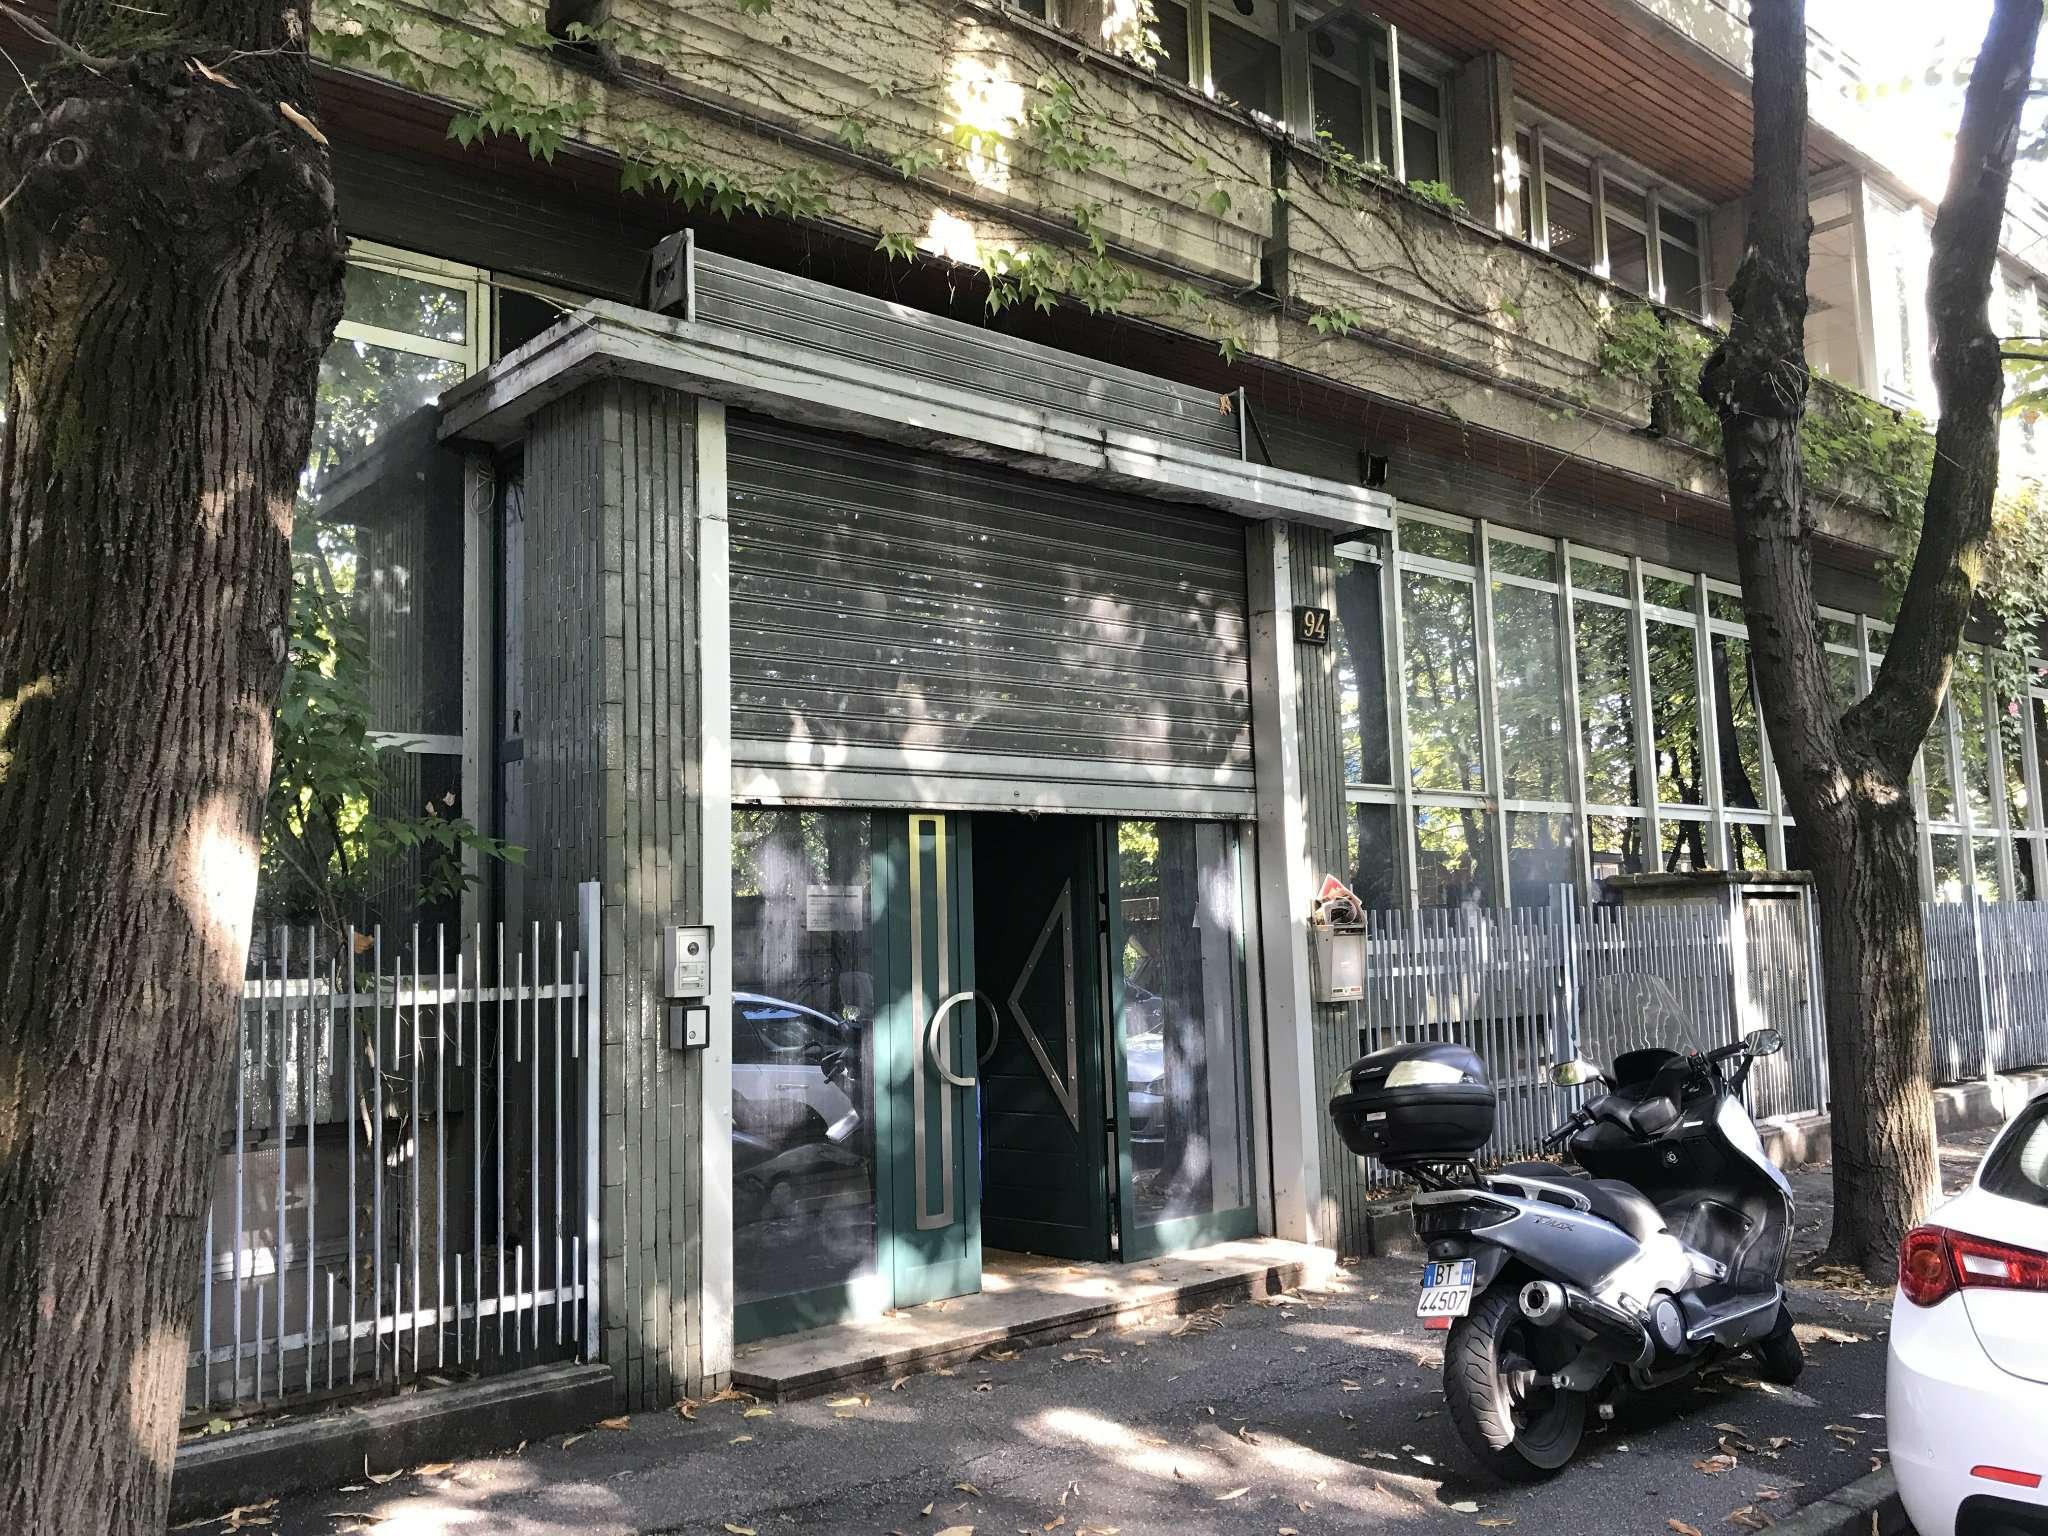 Ufficio / Studio in vendita a Cologno Monzese, 5 locali, prezzo € 315.000   CambioCasa.it